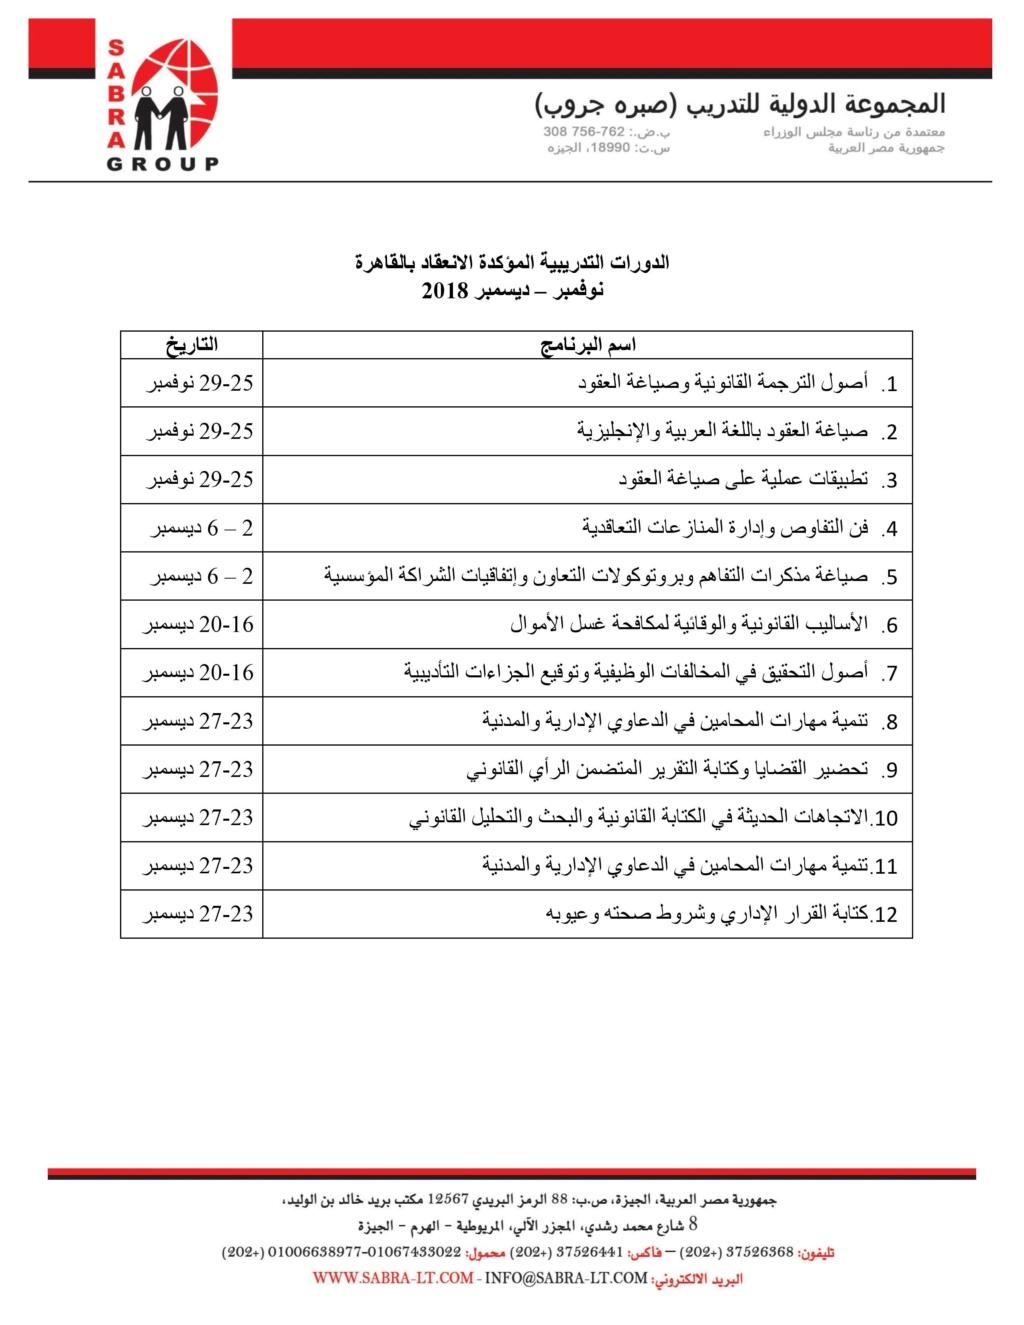 الدورات مؤكدة الانعقاد في القاهرة خلال شهري نوفمبر- ديسمبر Cio_aa14